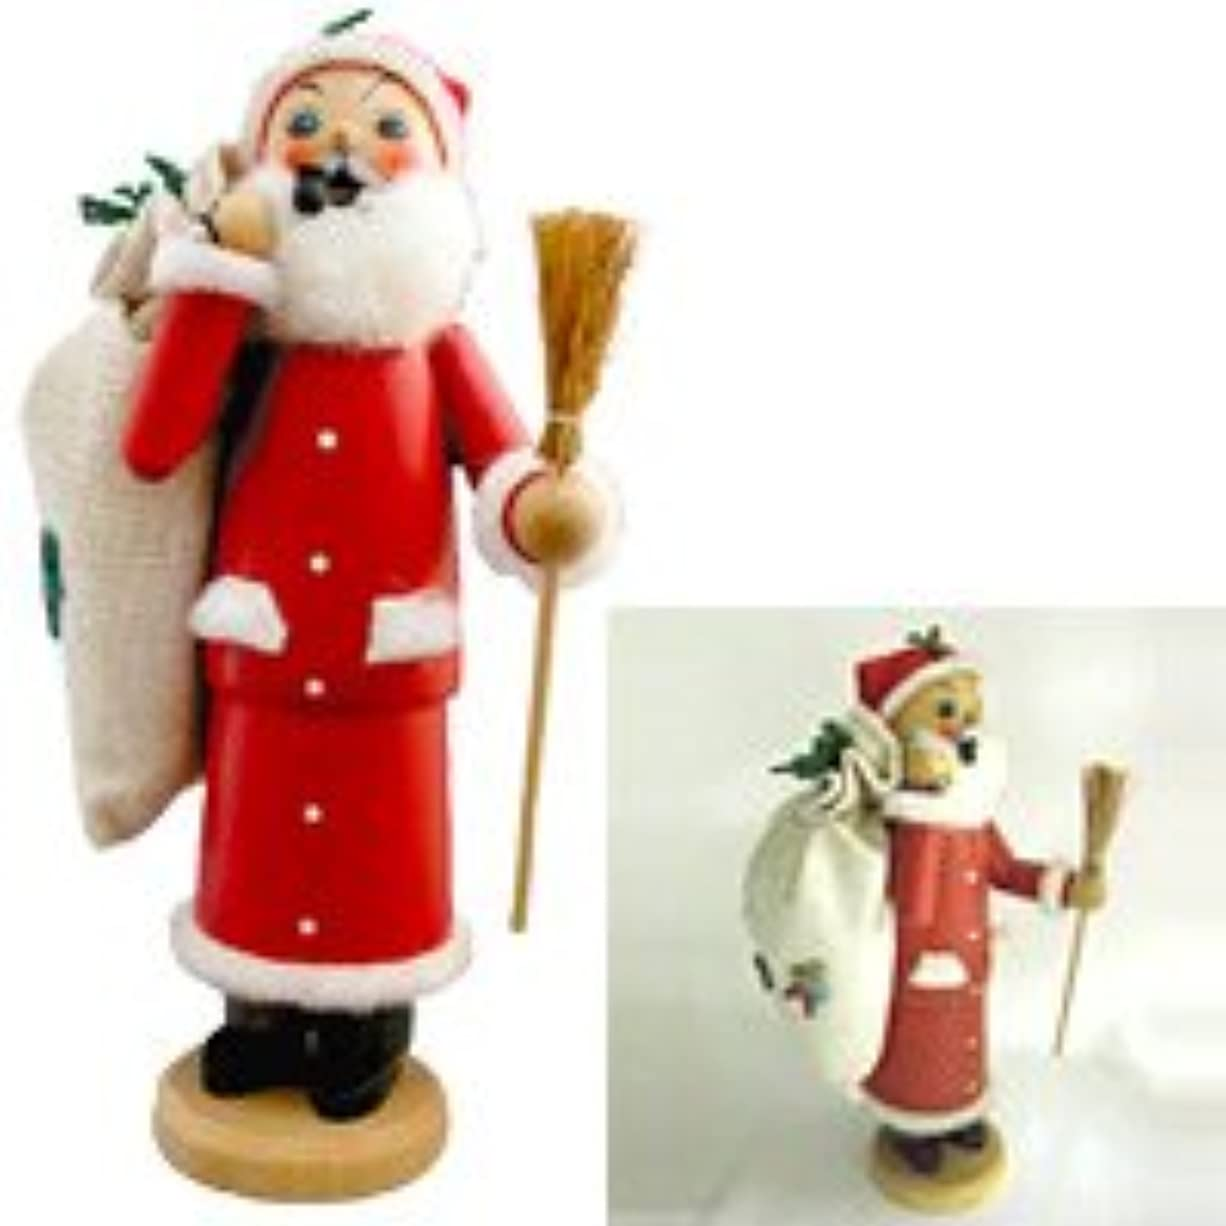 トンダイジェスト範囲クーネルト インセンススタンド(香皿) パイプ人形 サンタクロース